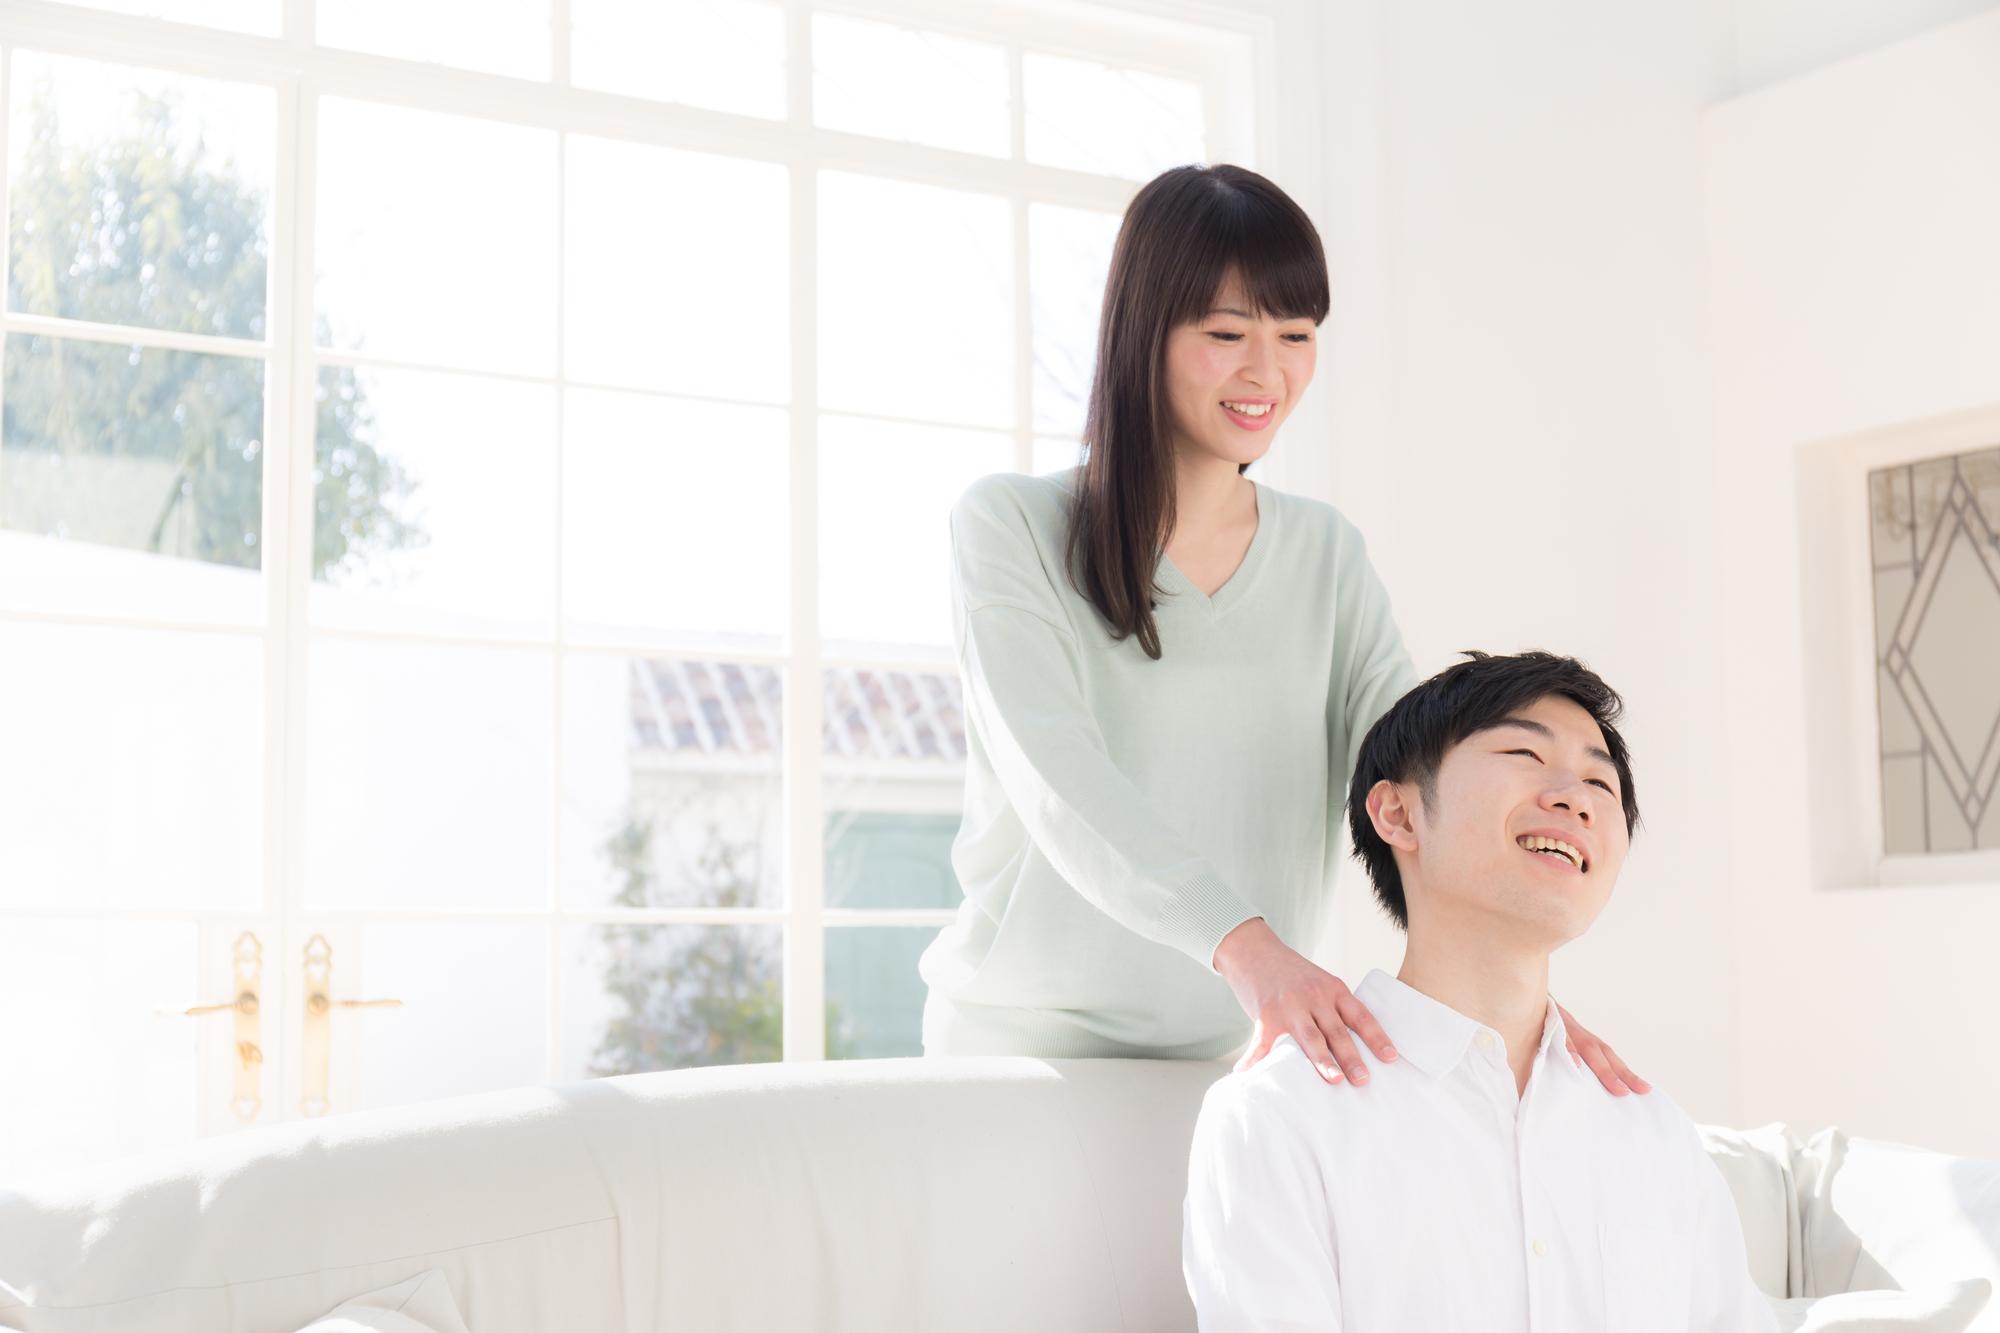 夫の肩をマッサージする女性